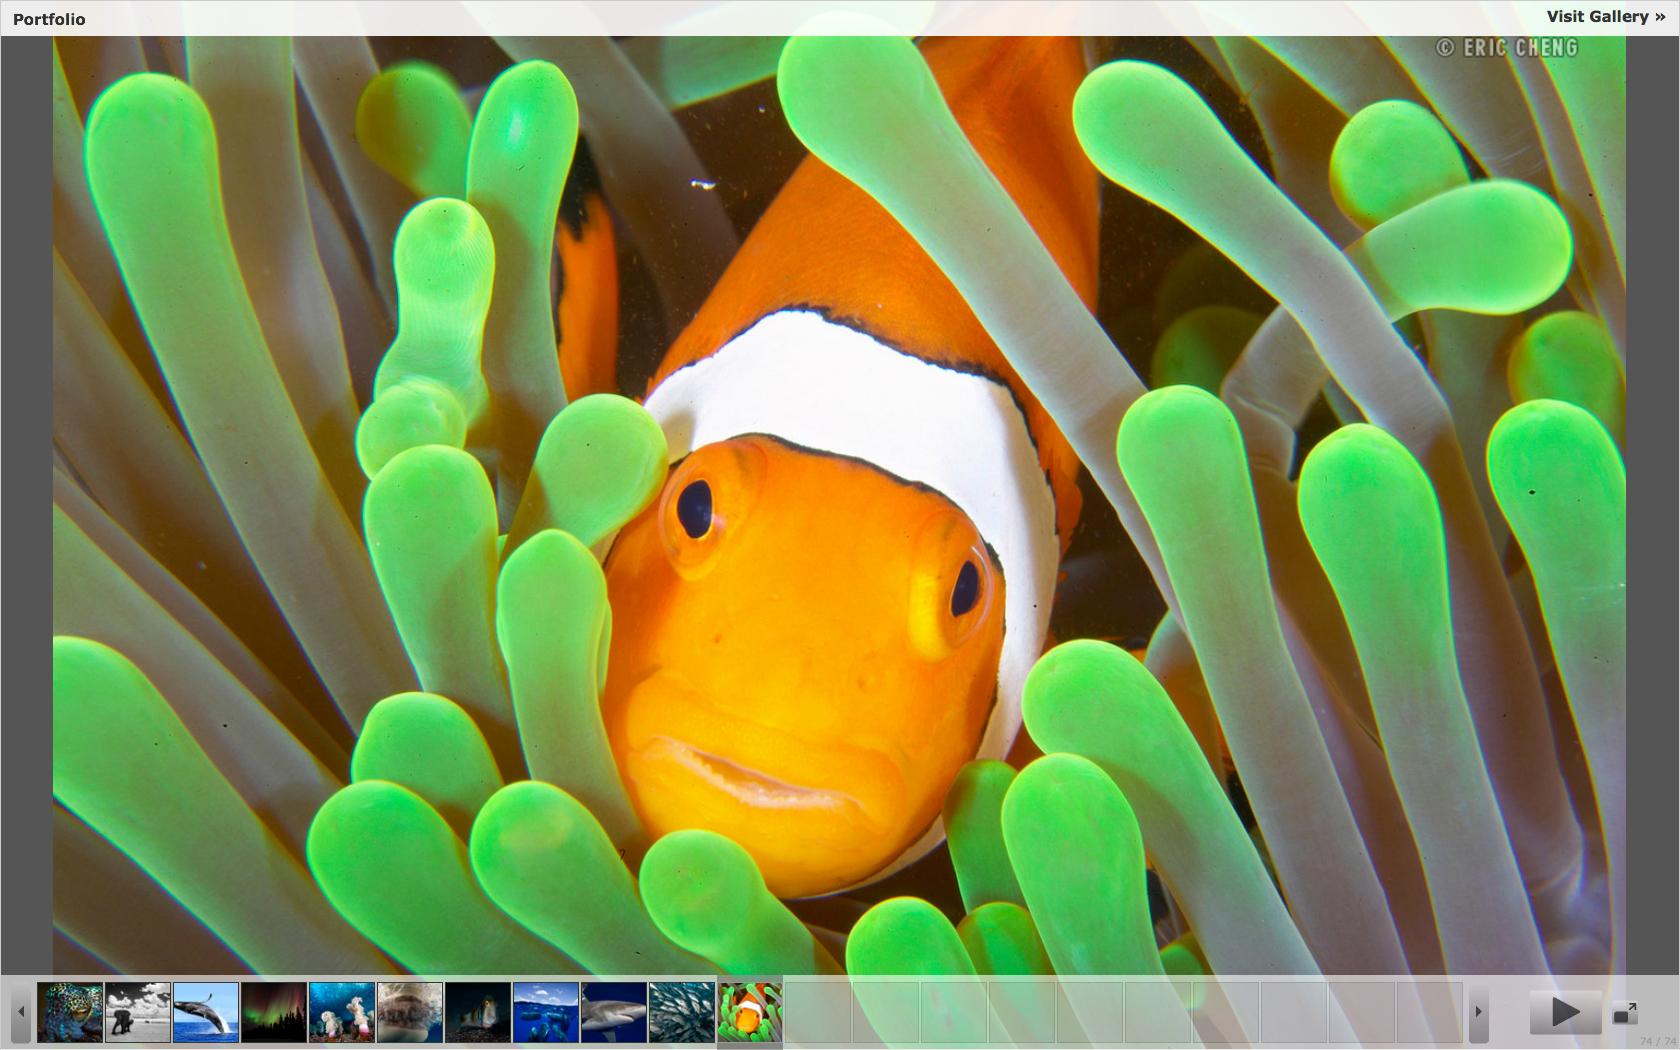 Clownfish - скачать на русском для скайпа (клоунфиш) для изменения 90